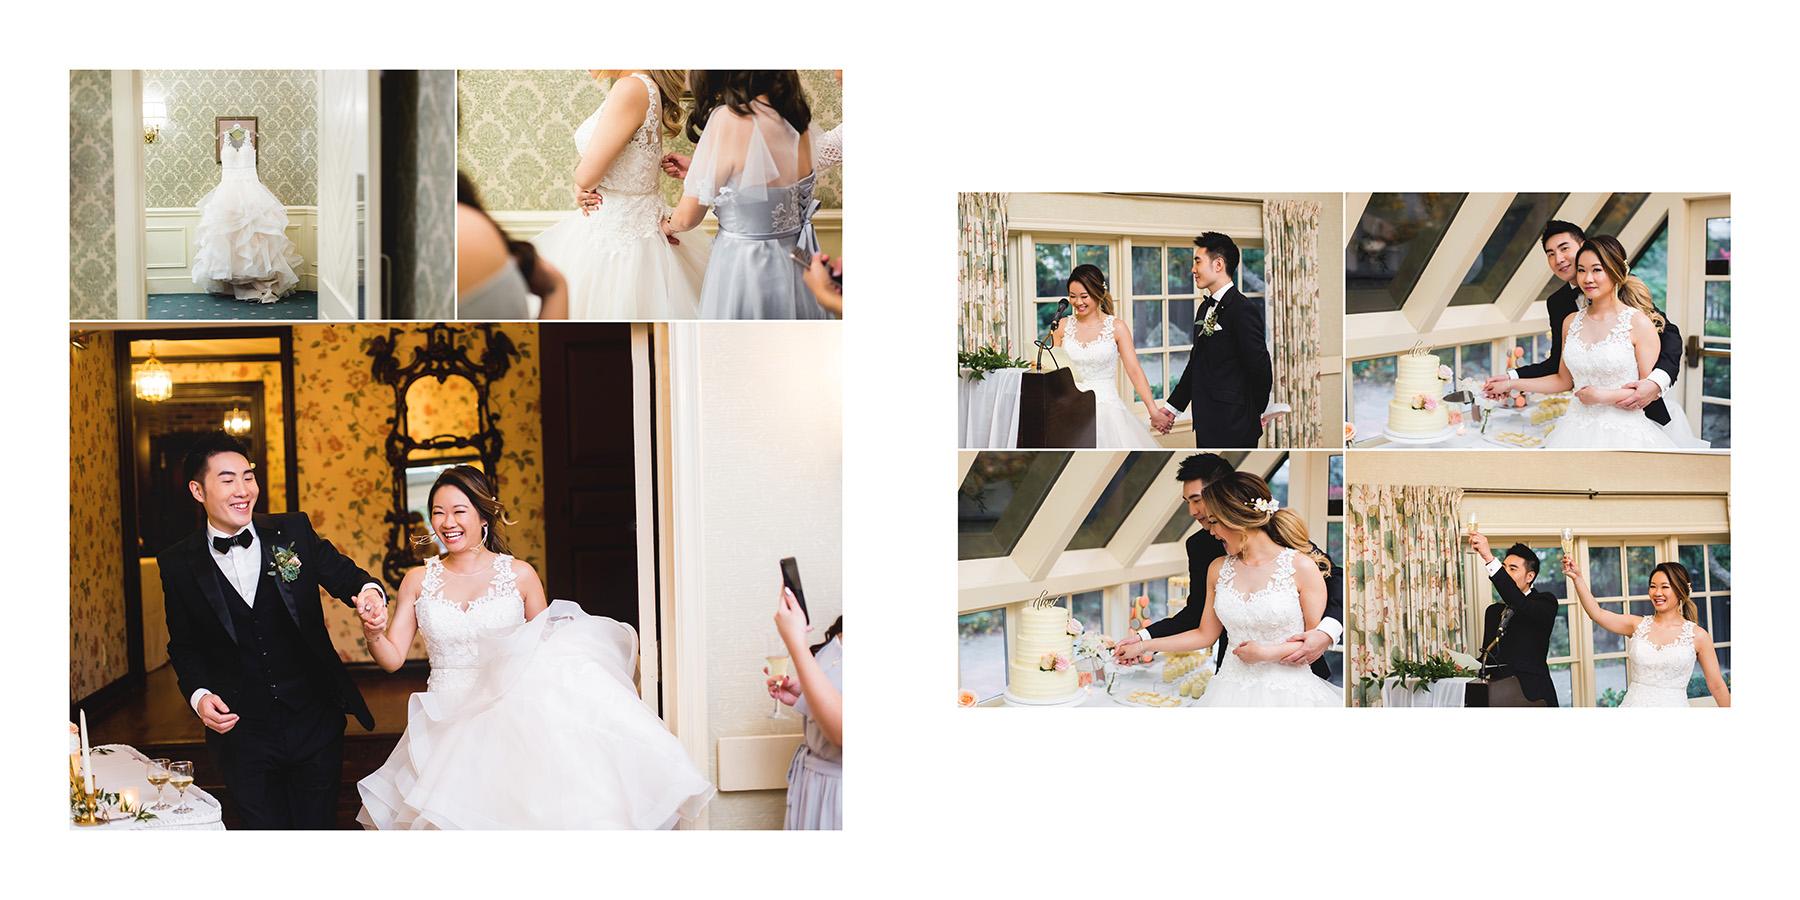 Tiffany_+_Matthew_-_Wedding_Album_13.jpg